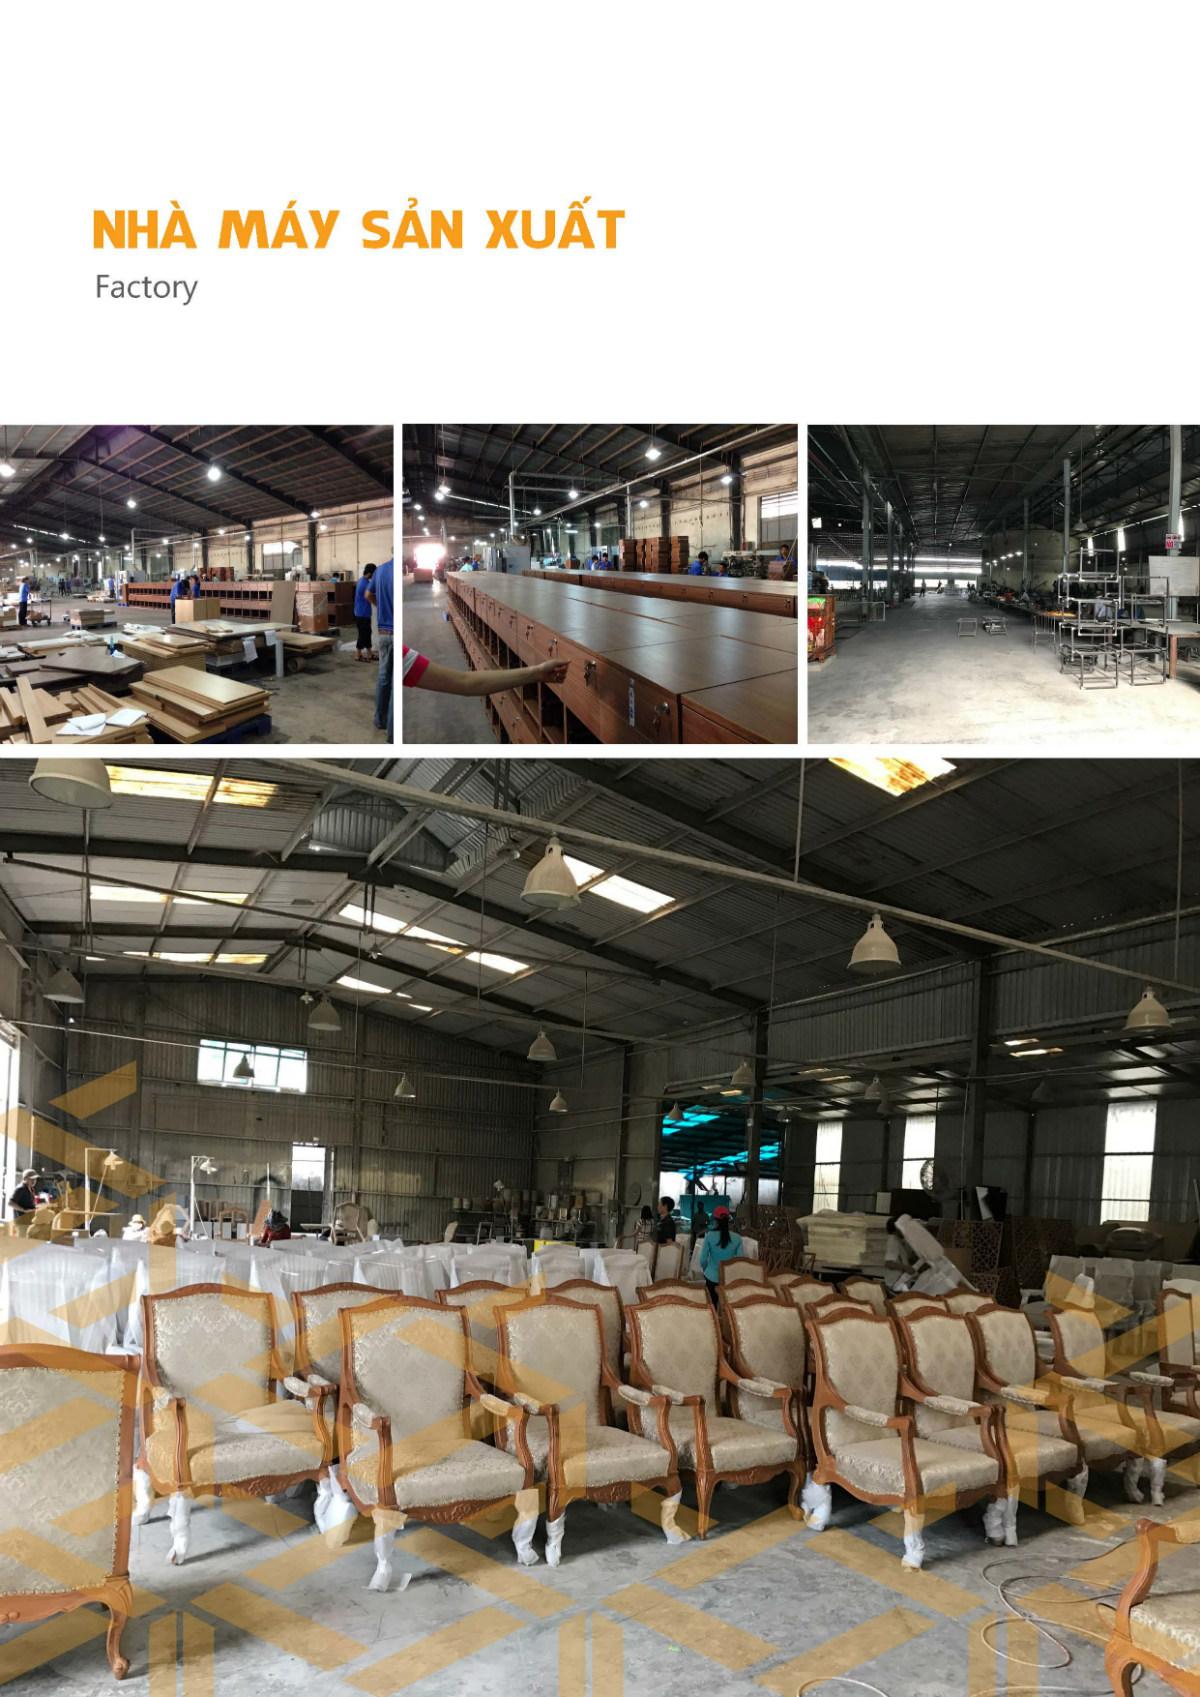 sieu-chung-ky-sck-factory-nha-may-san-xuat (7)